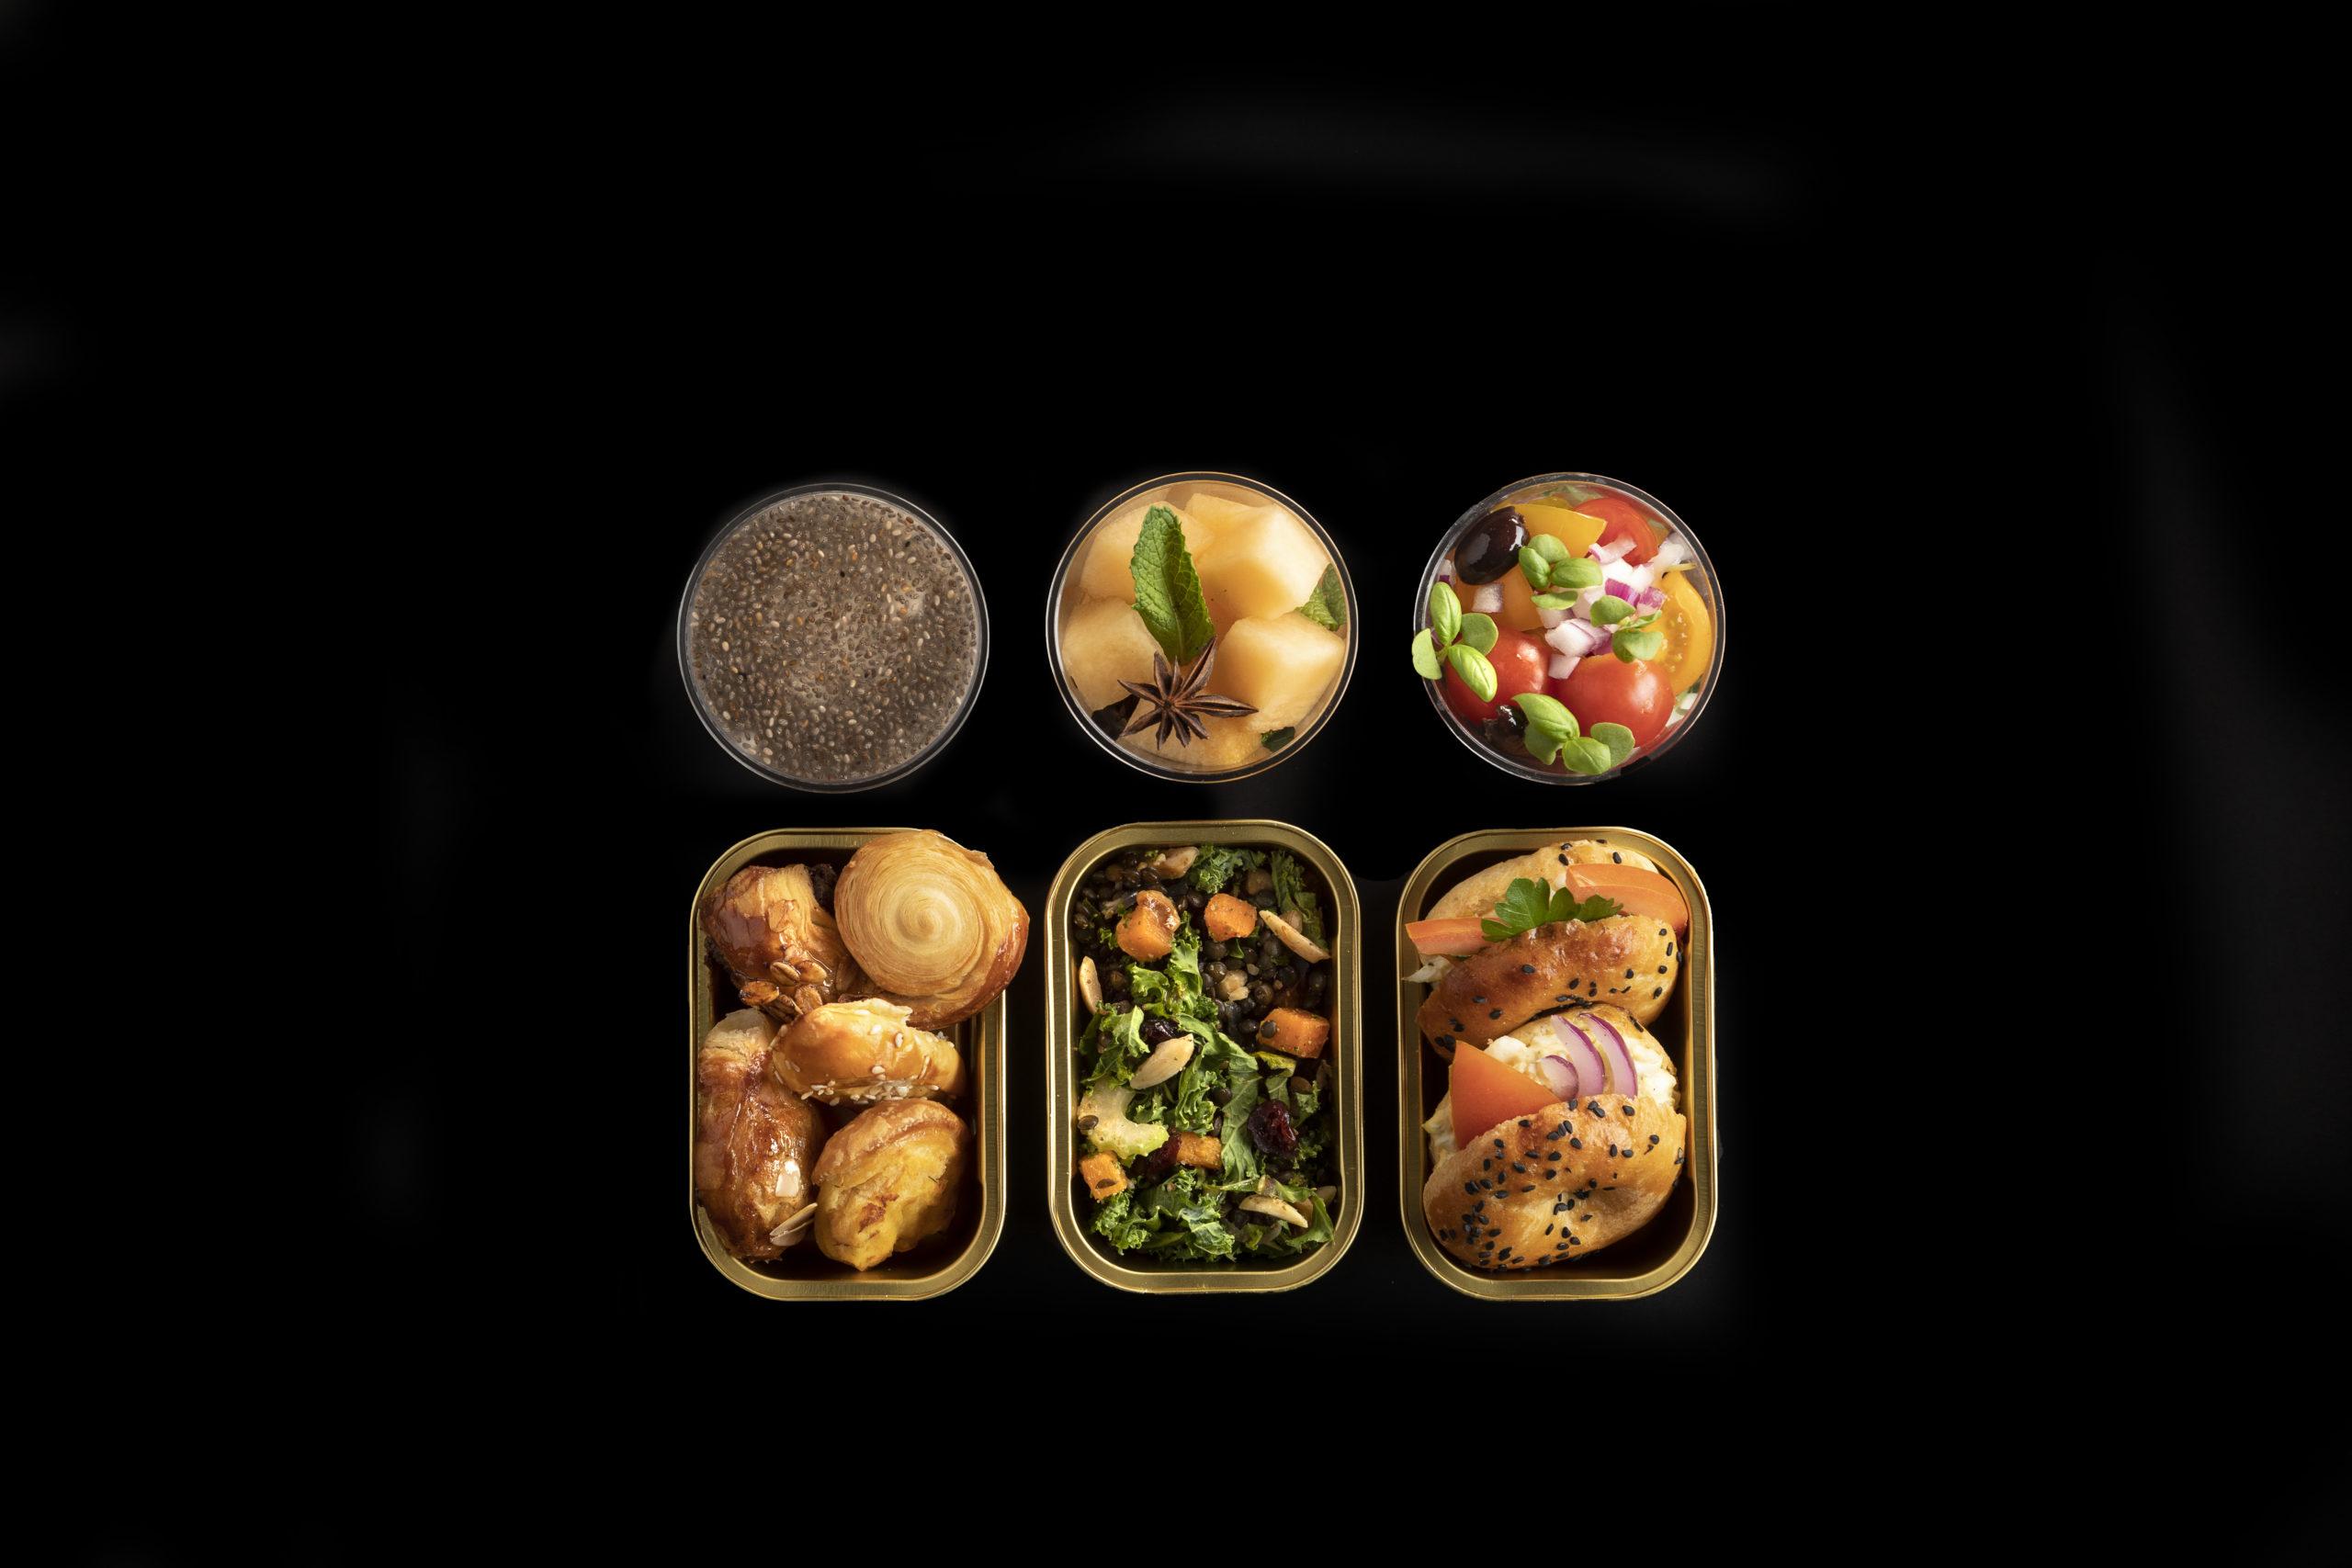 ארוחה באריזה אישית לבחירה TLV